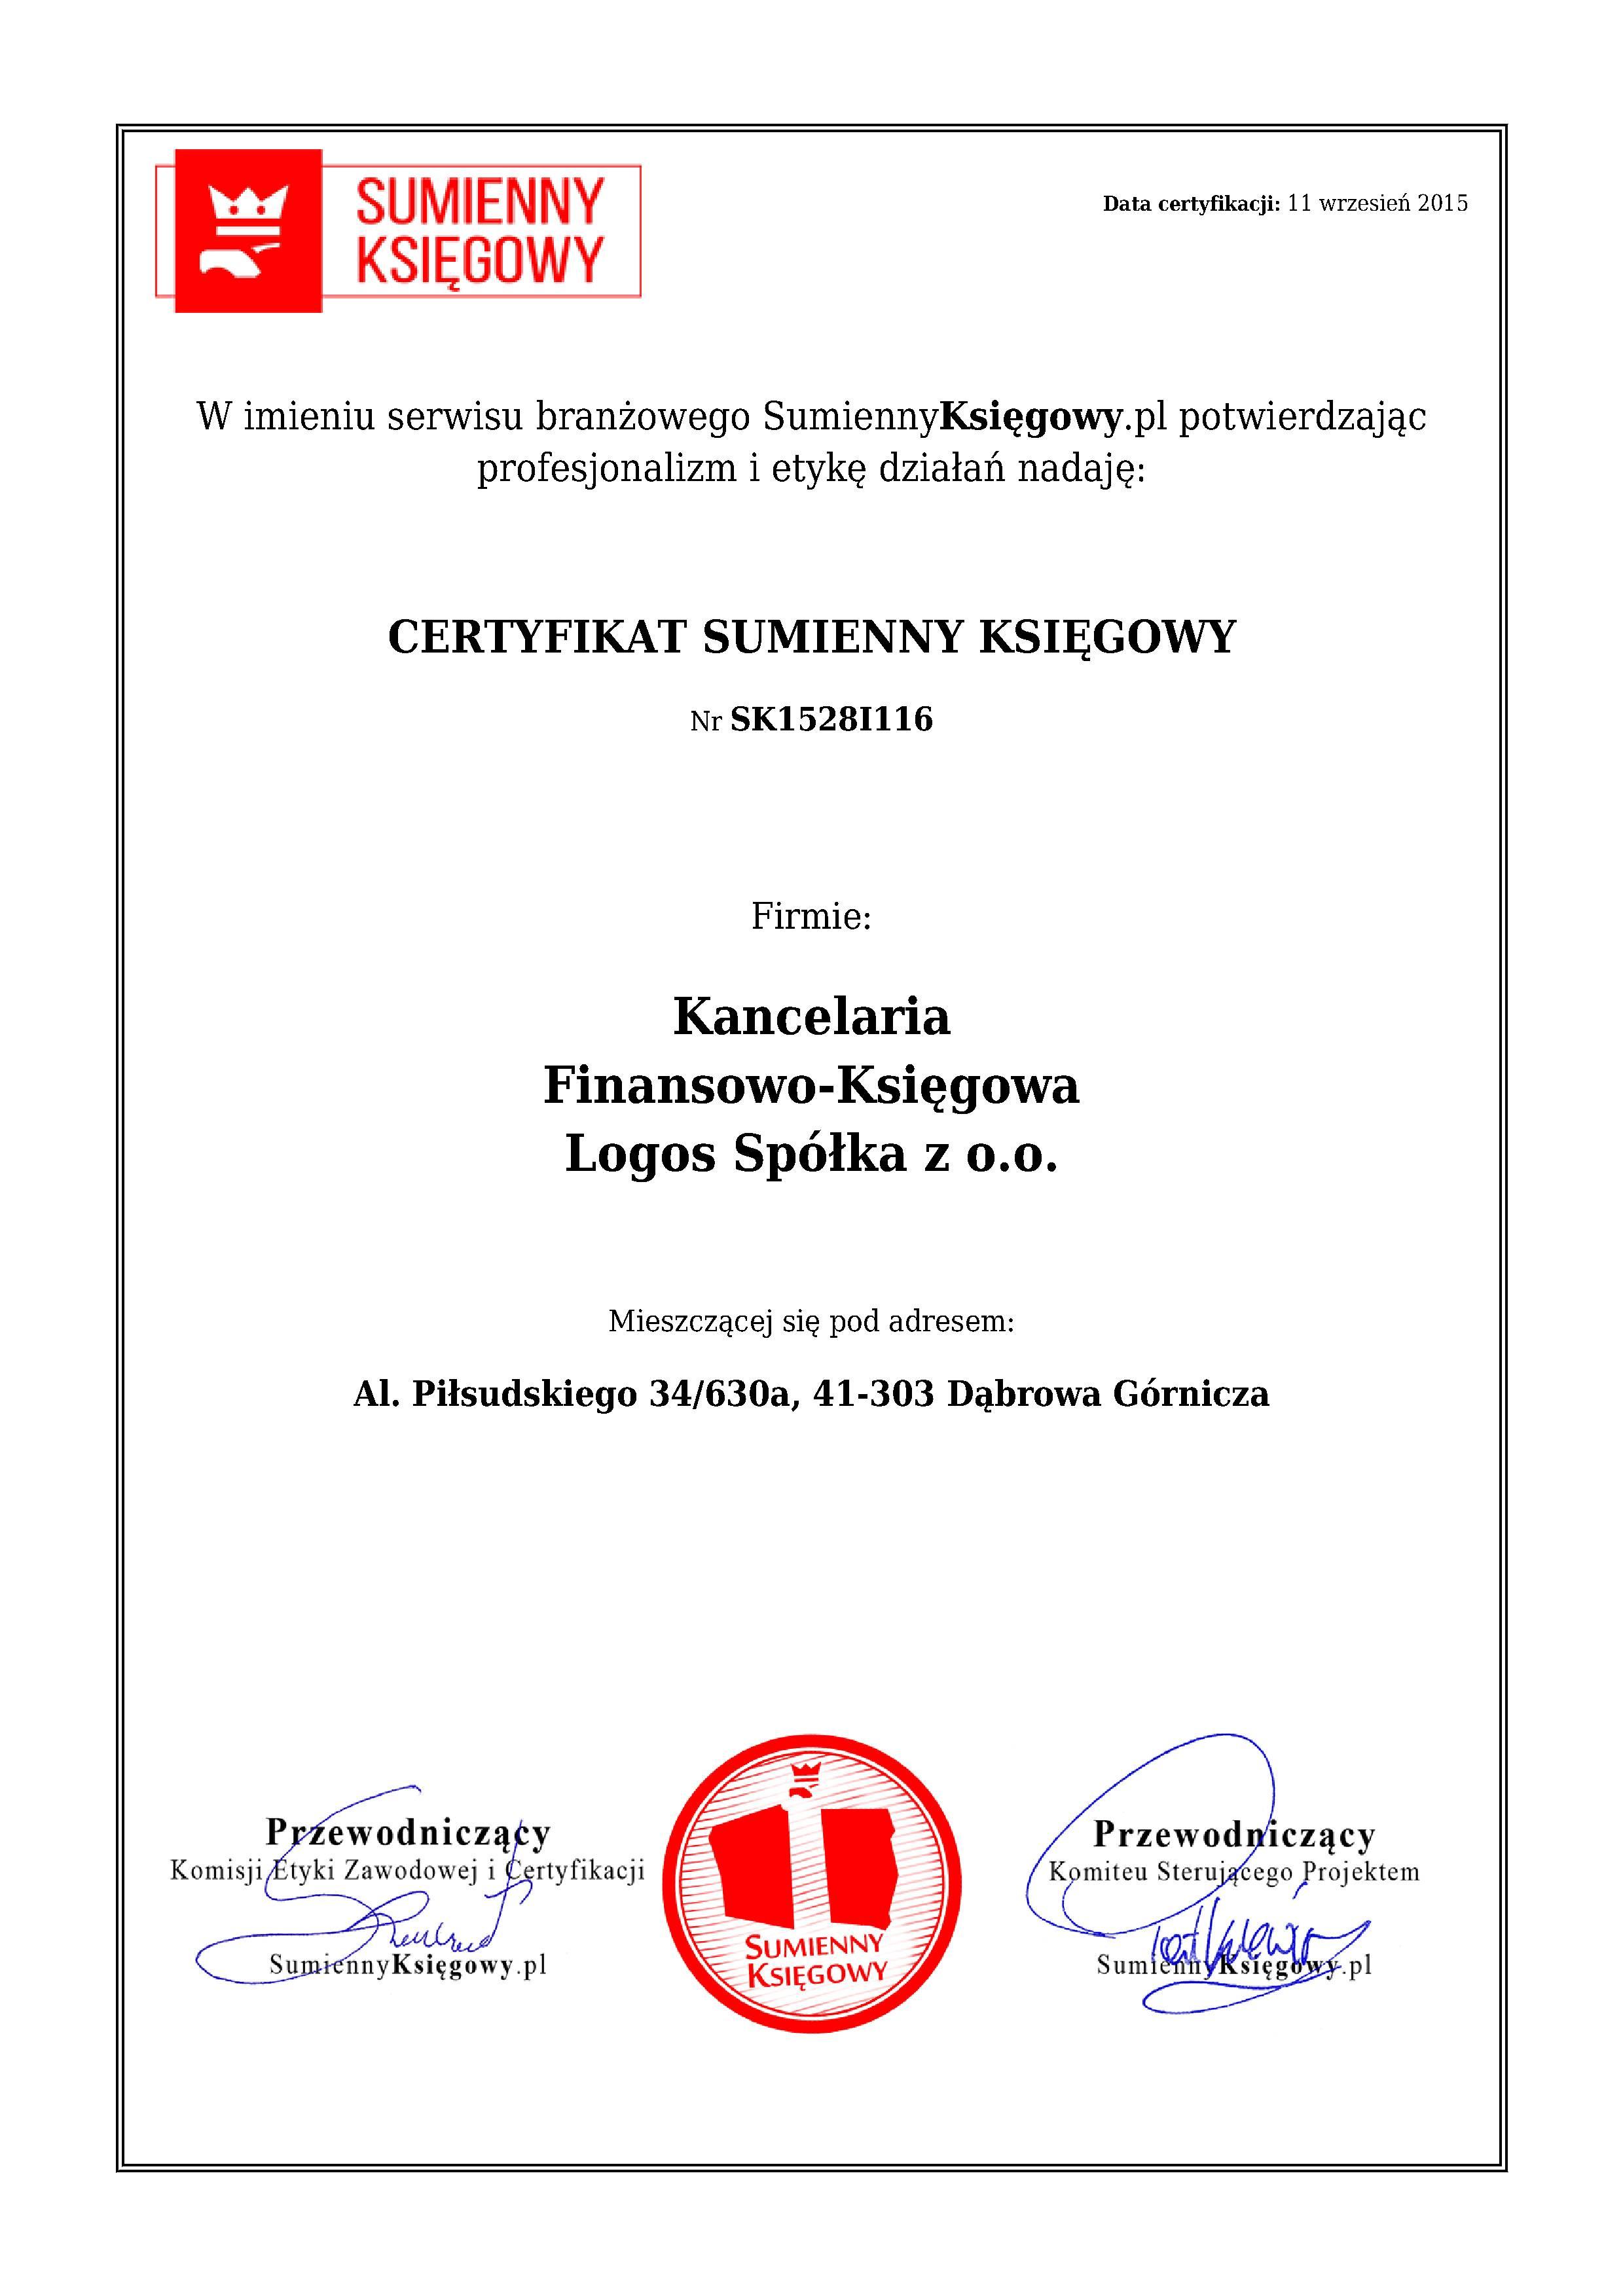 Certyfikat Kancelaria Finansowo-Księgowa Logos Spółka z o.o.